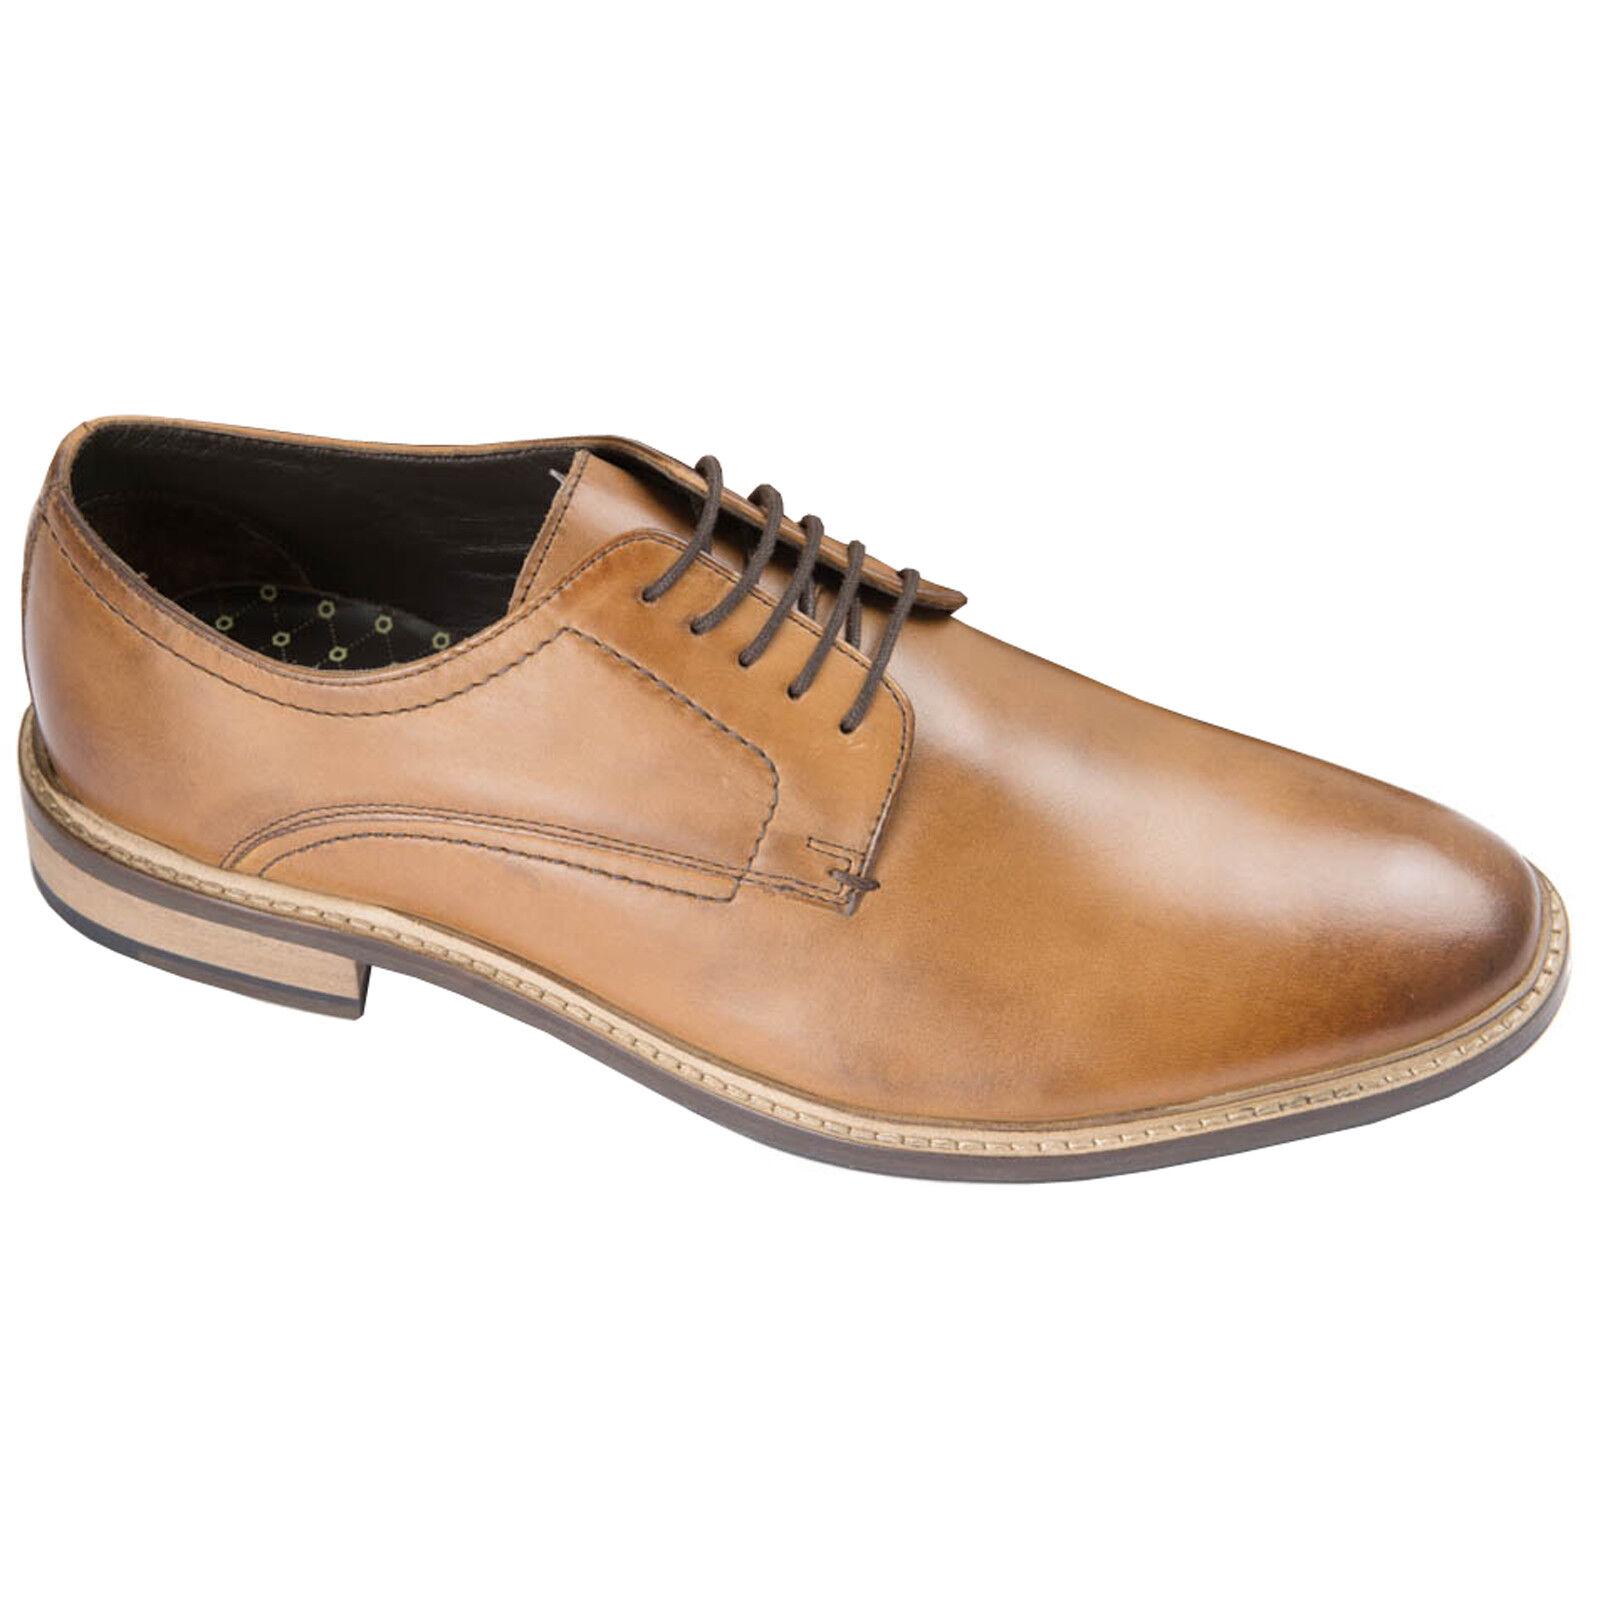 Zapatos para Hombre Ikon Conrad Formal Inteligente